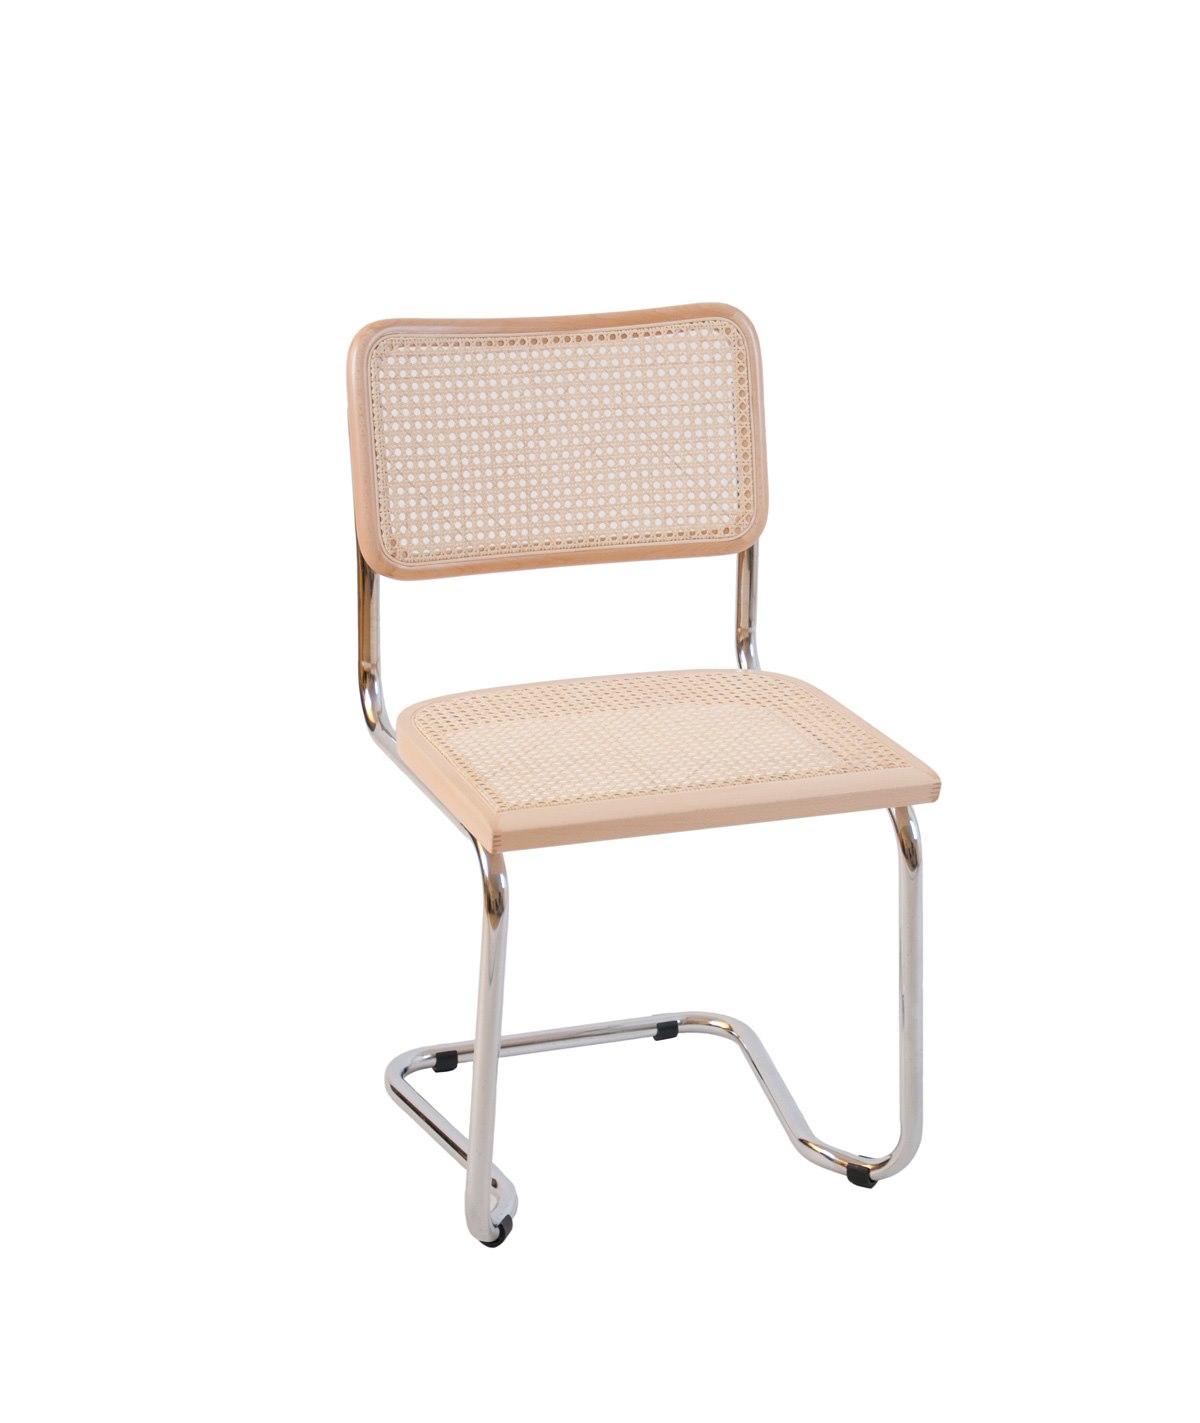 stol med flätad sits